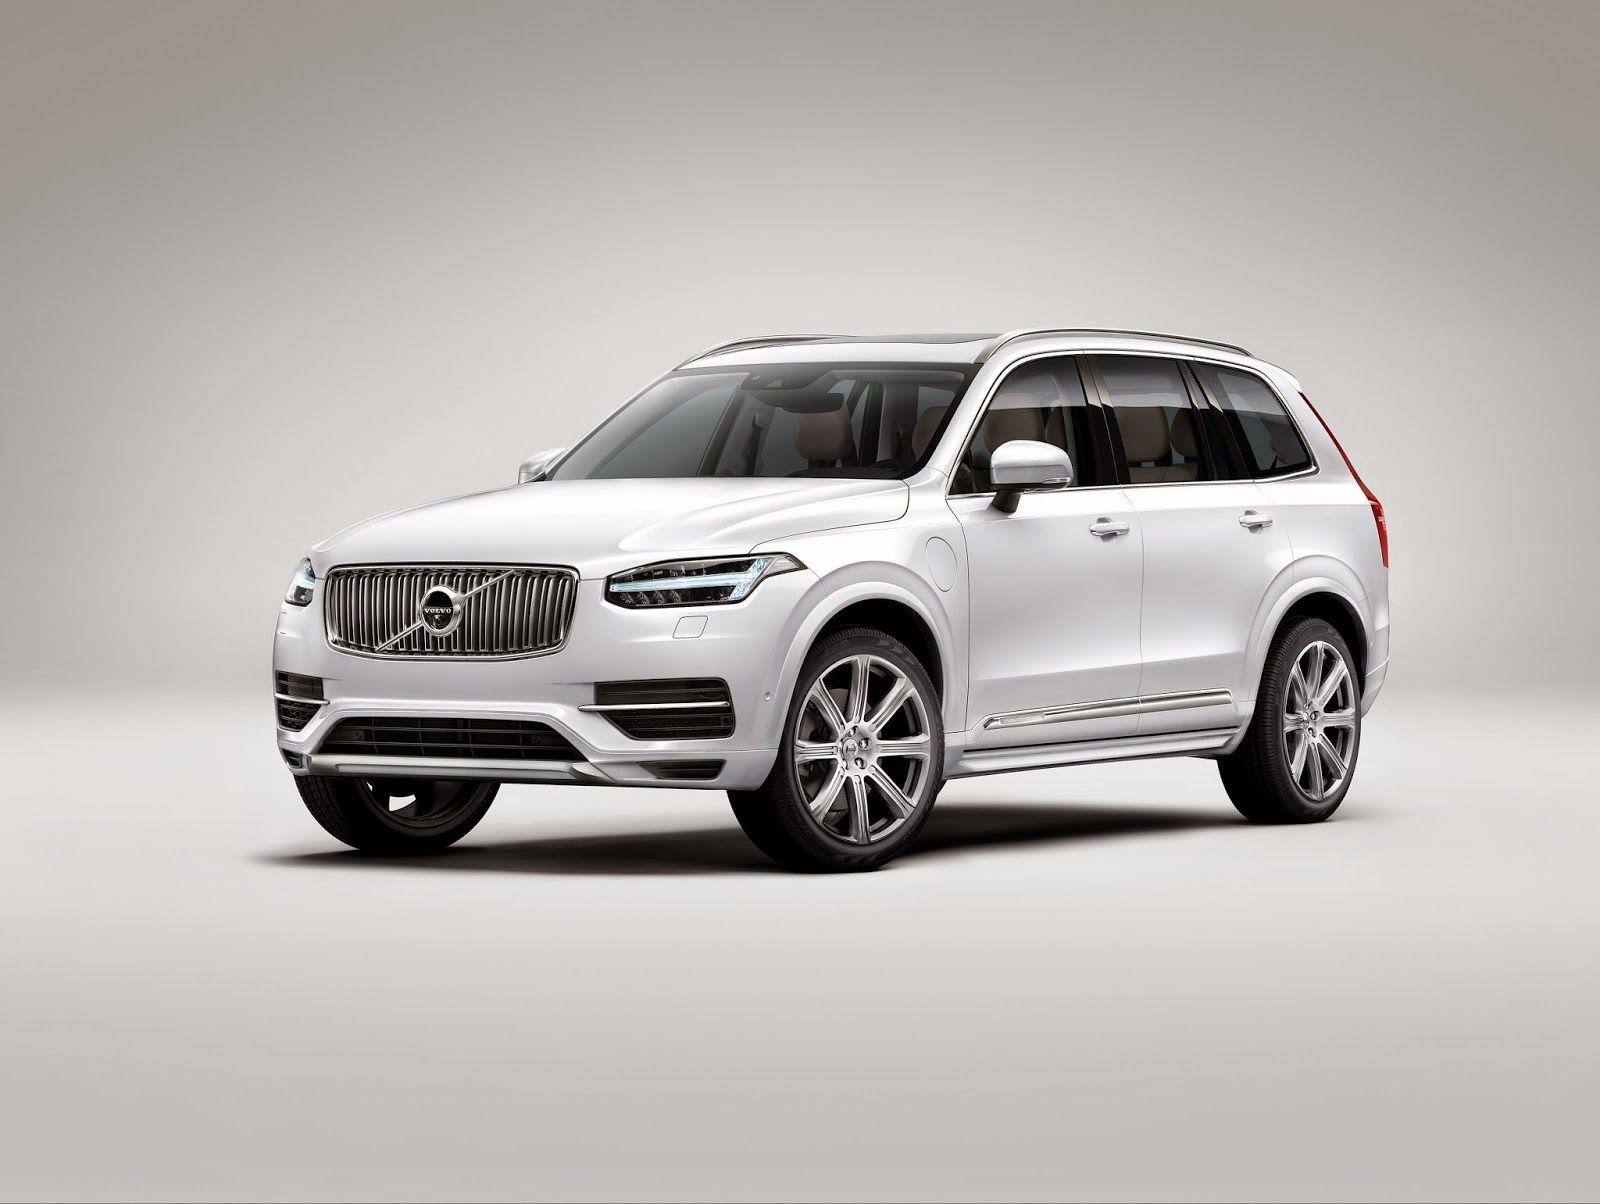 2016 Volvo XC90 Volvo xc90, Hybrid car, Volvo xc